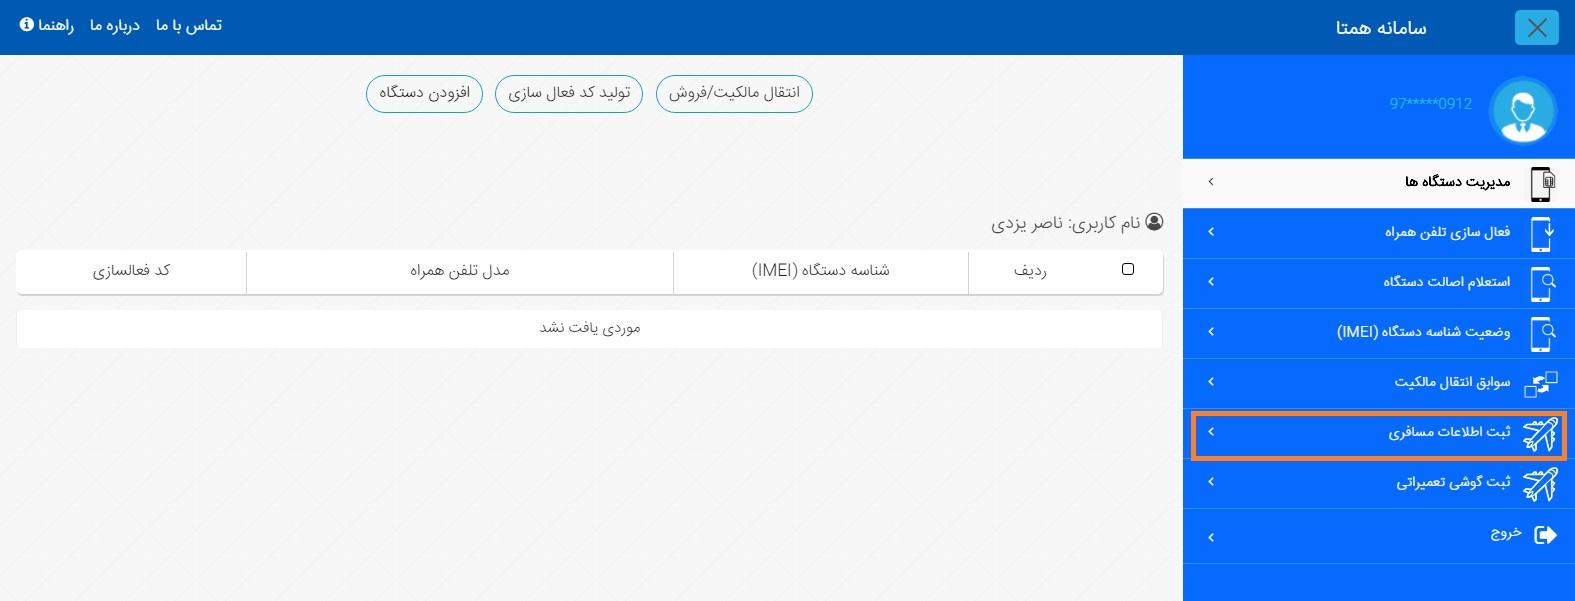 ثبت اطلاعات مسافری گوشی در سامانه همتا